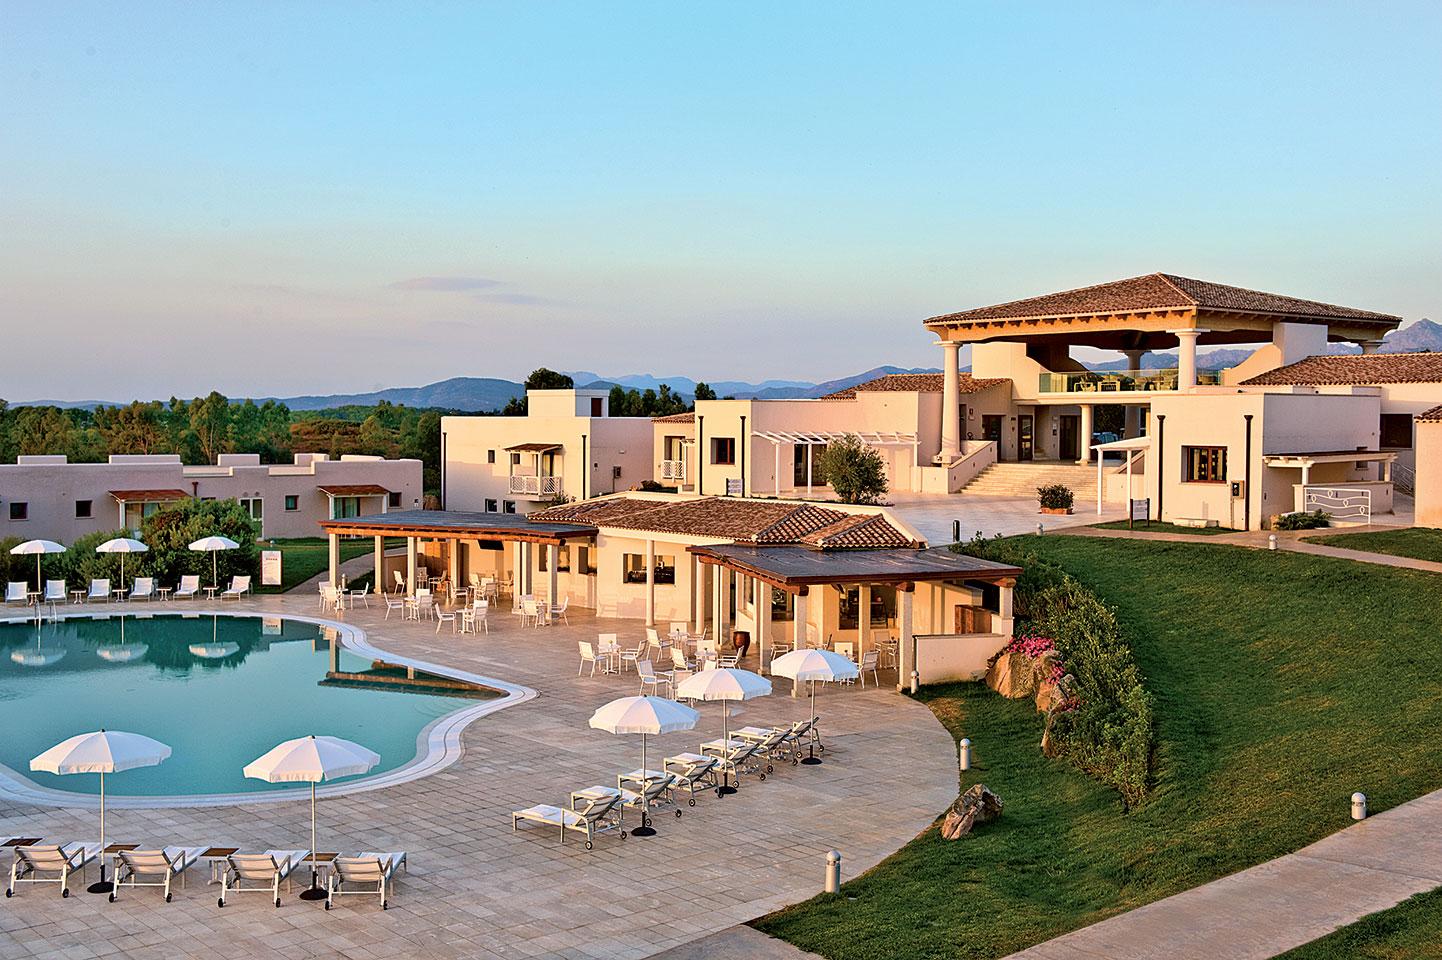 Resort Grande Baia - San Teodoro - Sardinia, Italy - Sardegna.com